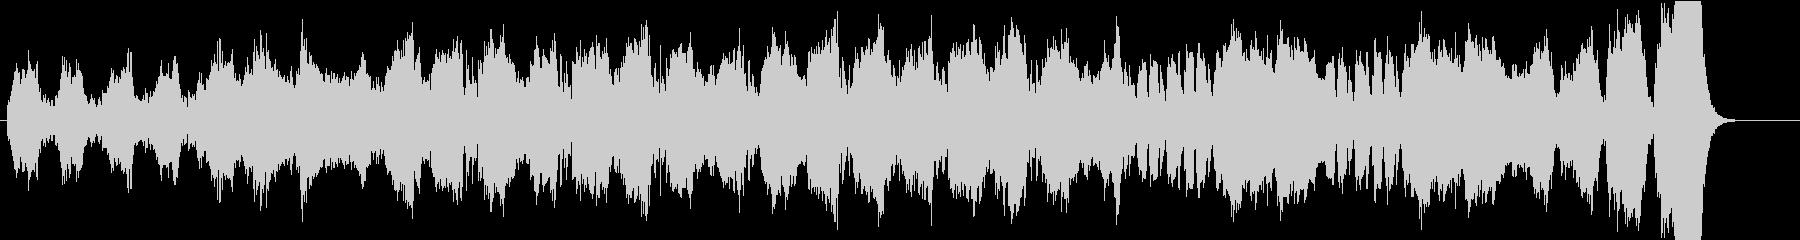 不気味な場面をオーケストラで表現の未再生の波形